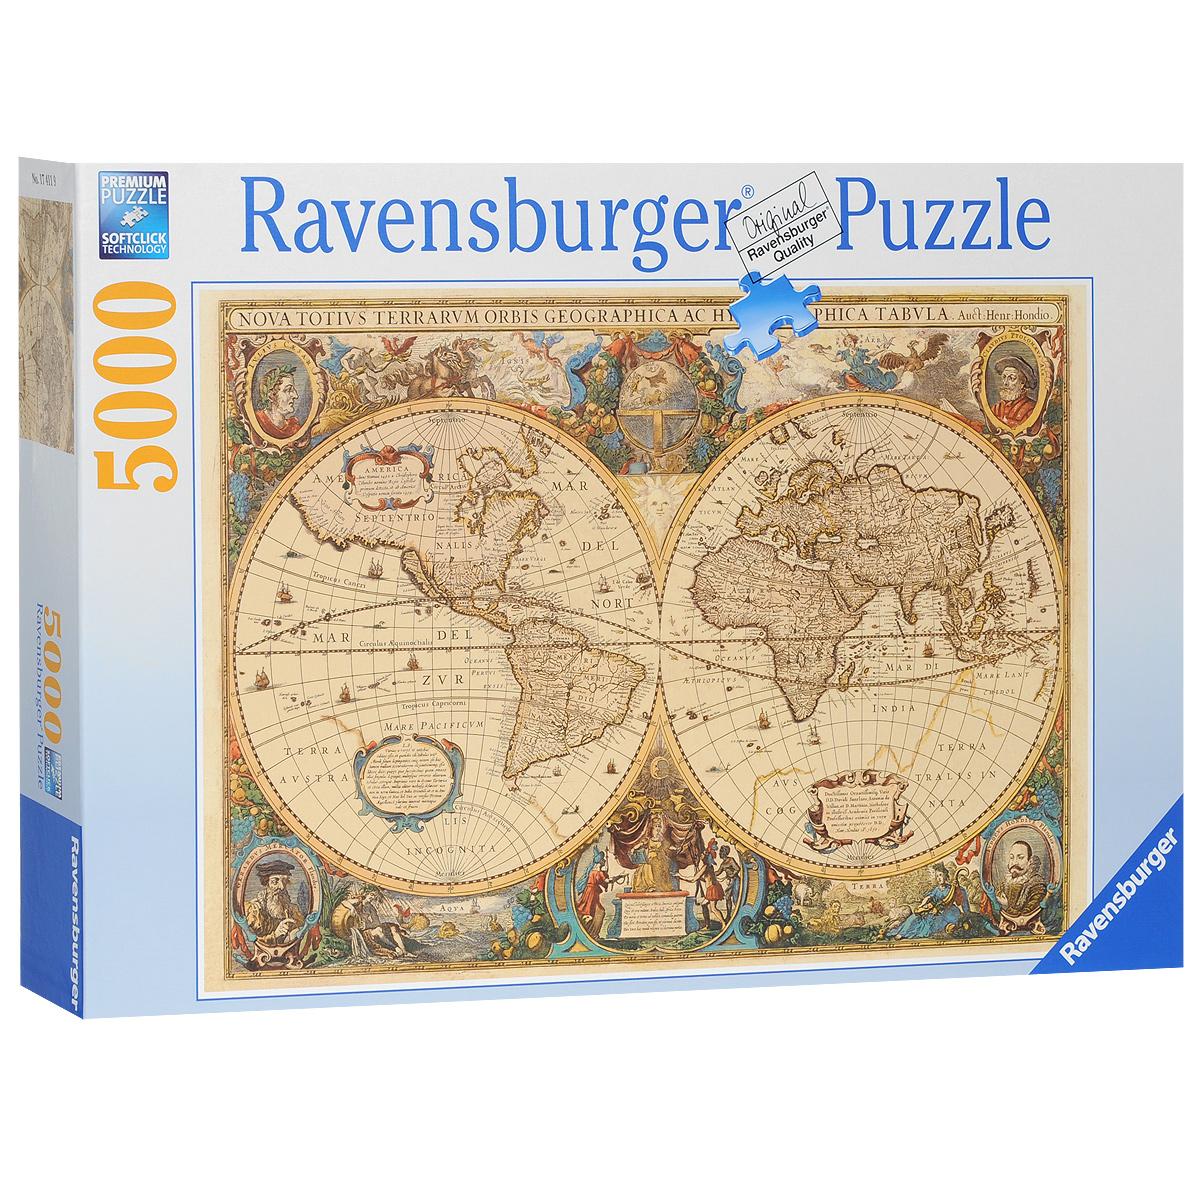 Ravensburger Историческая карта. Пазл, 5000 элементов